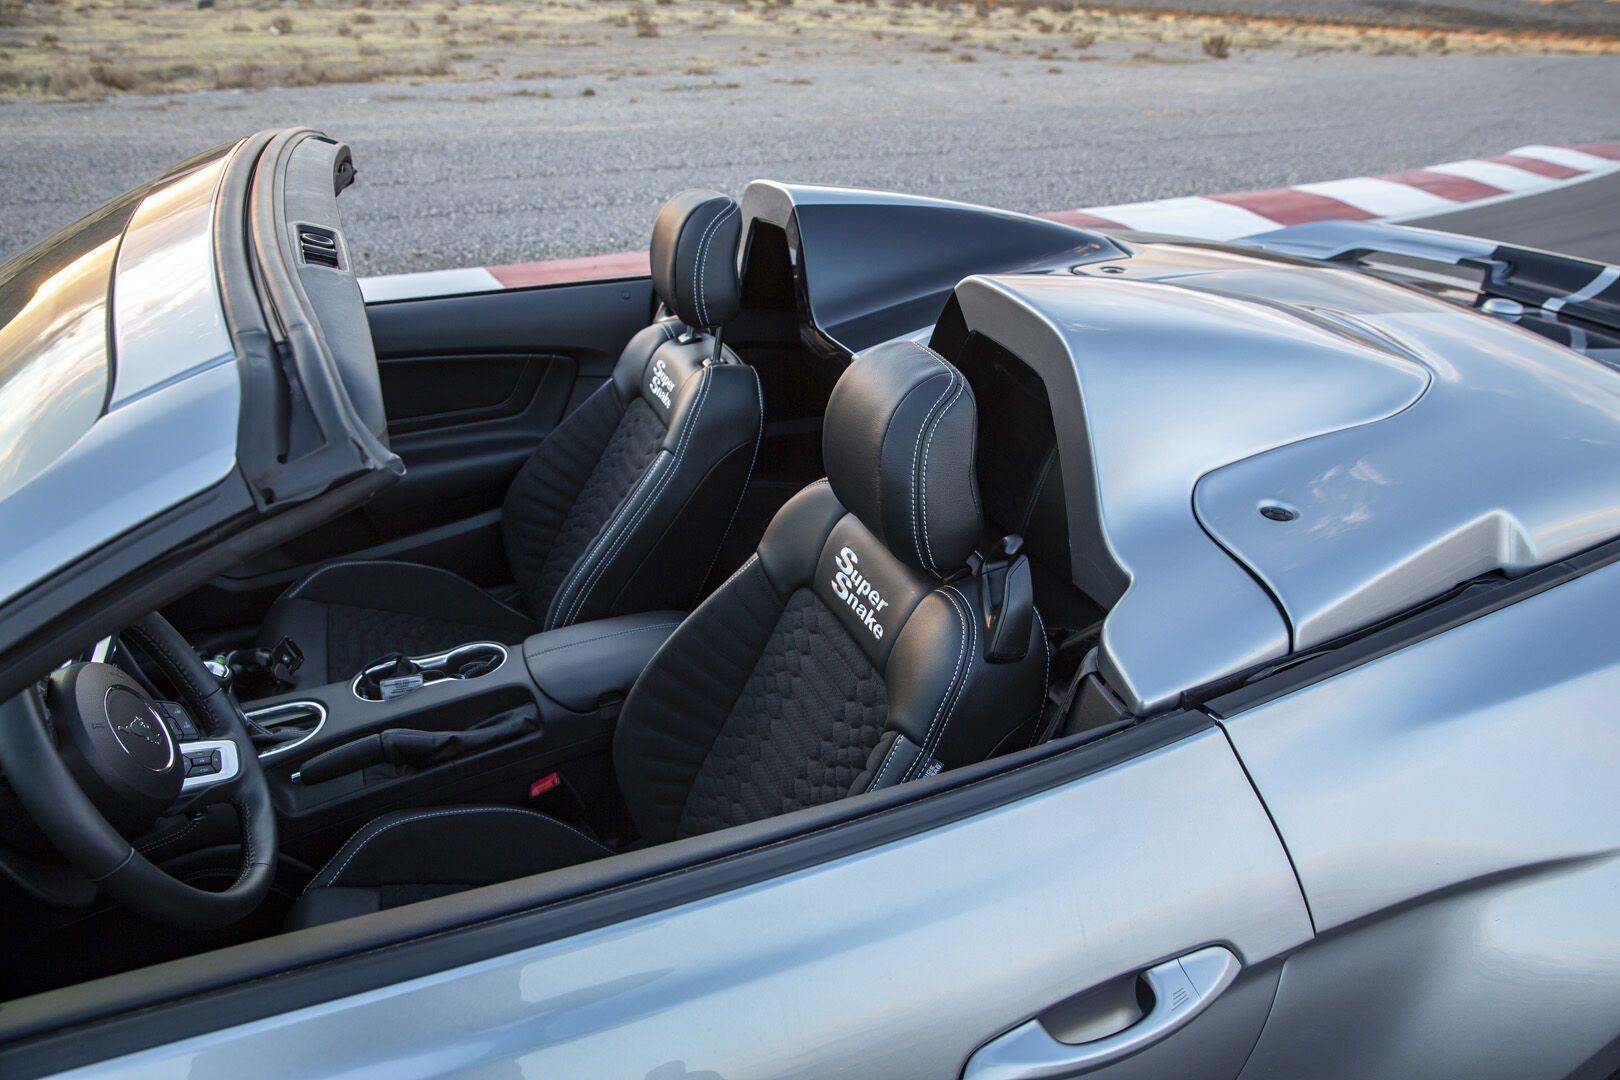 За спинками передних кресел установлена специальный колпак, превращающий кабриолет в элегантный спидстер